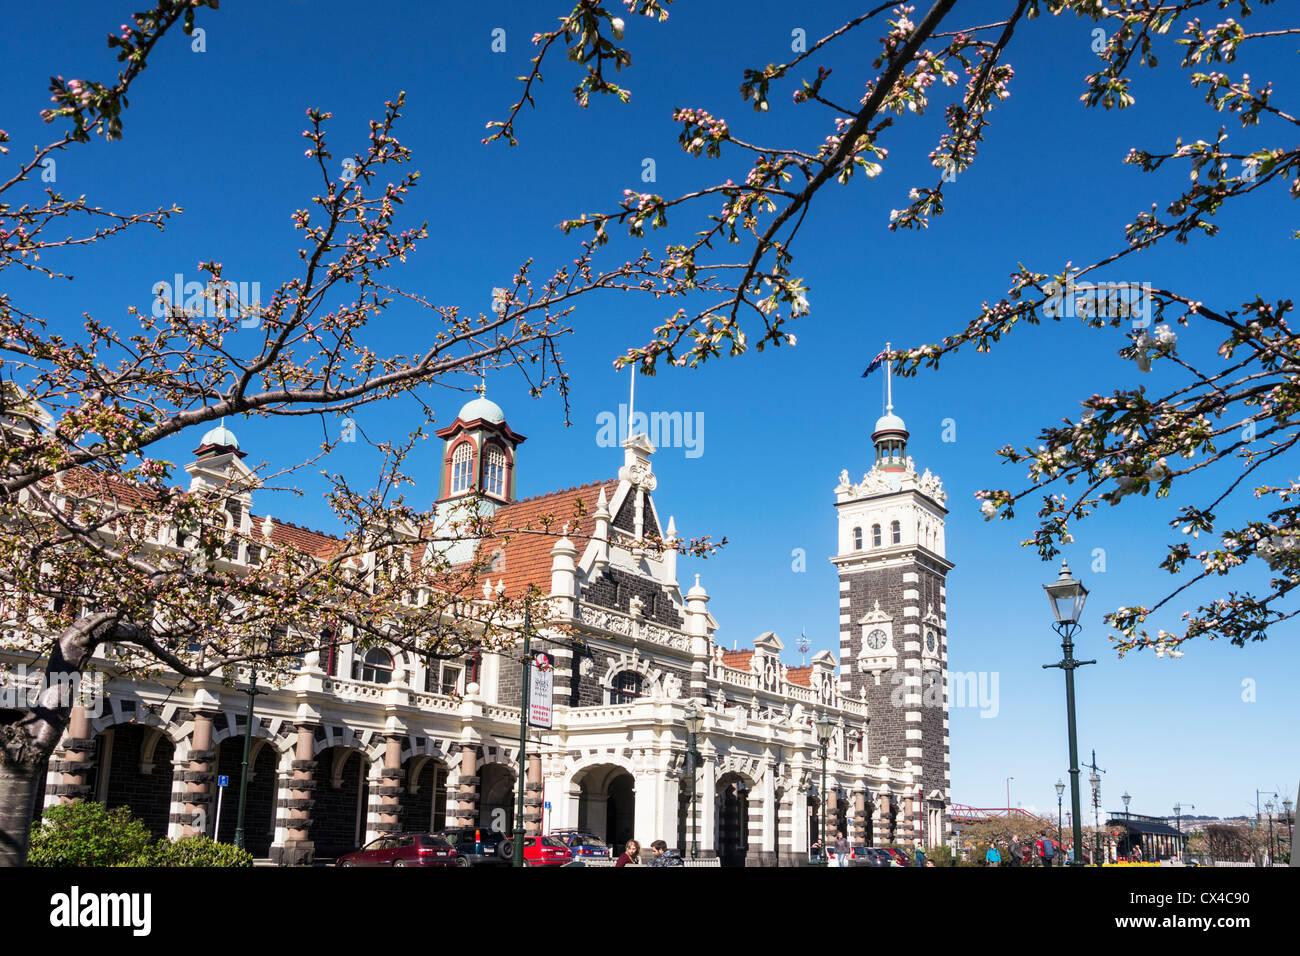 La gare de Dunedin et fleur de printemps. Photo Stock